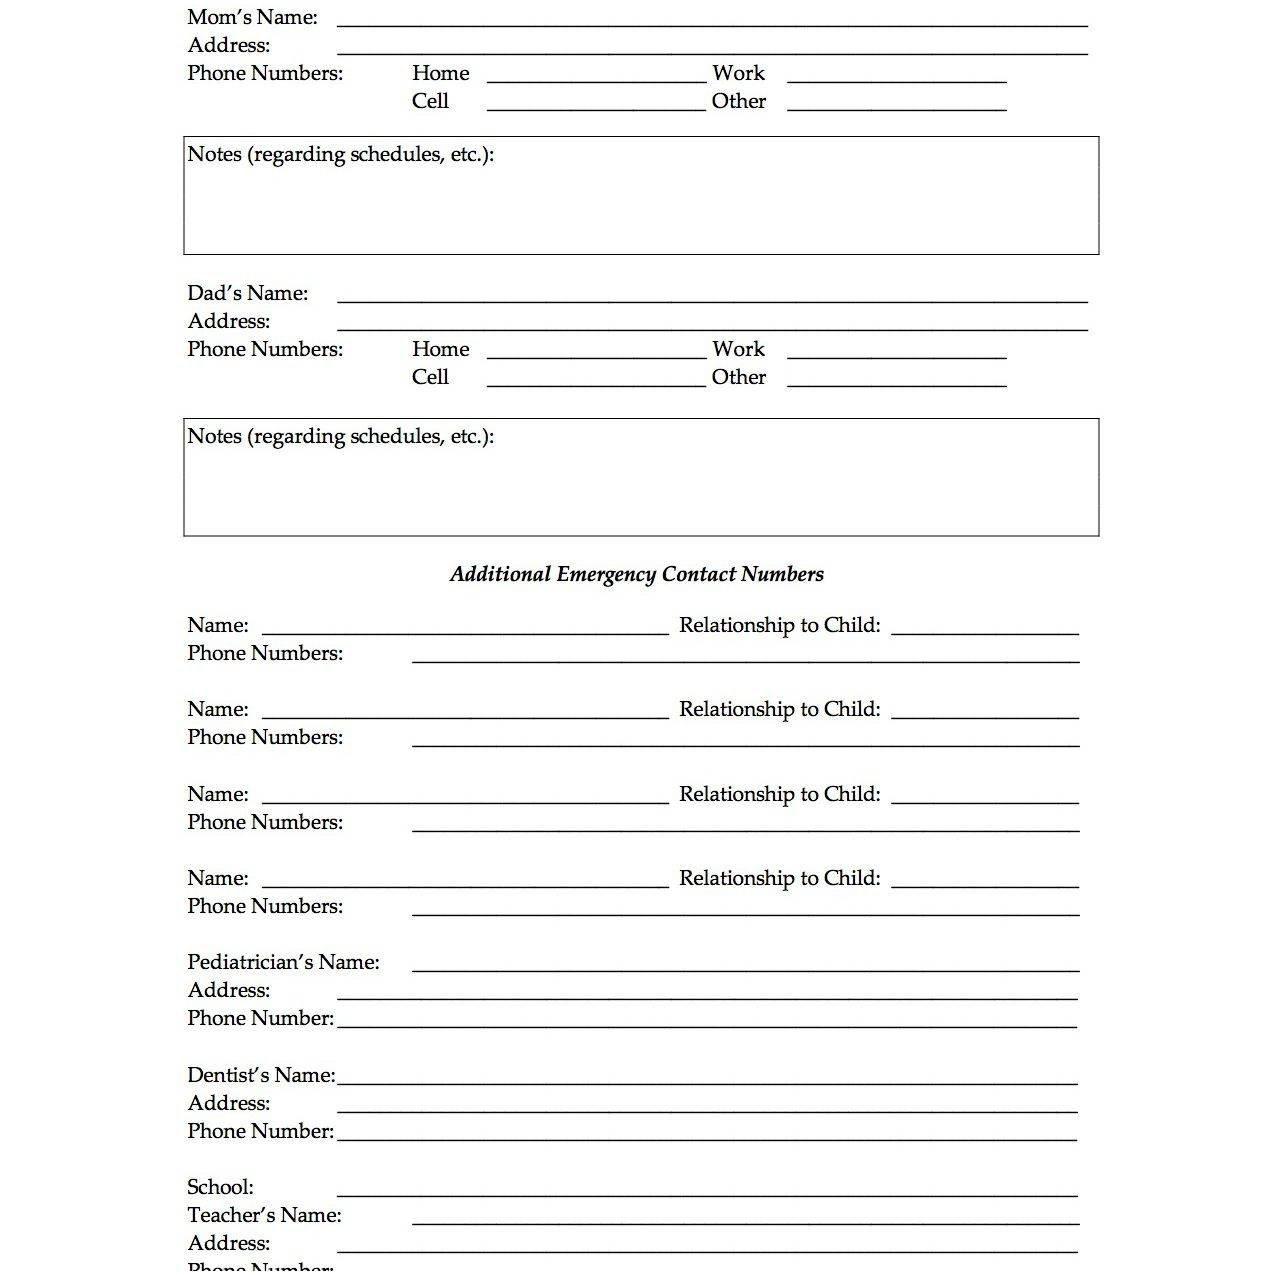 Virginia Child Support Worksheet  Freeworksheetwebsite In Virginia Child Support Worksheet